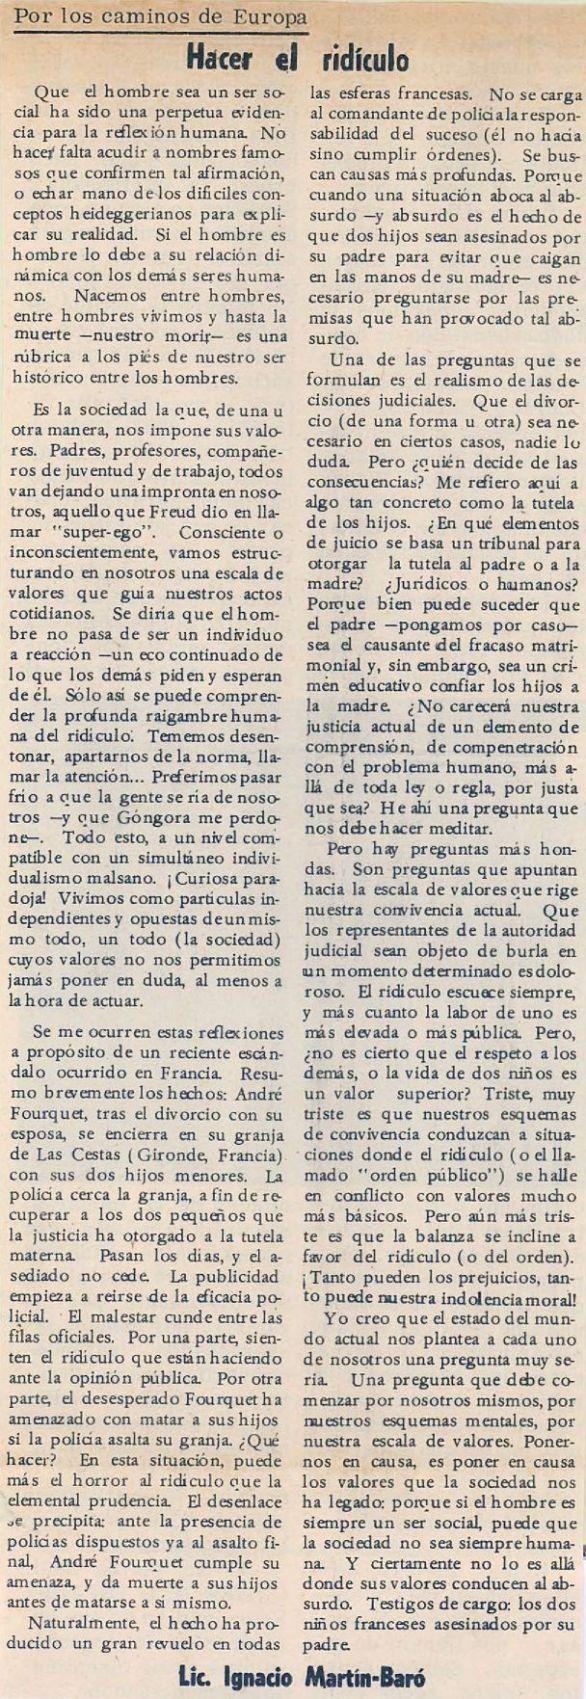 El Mundo, 27/02/1969